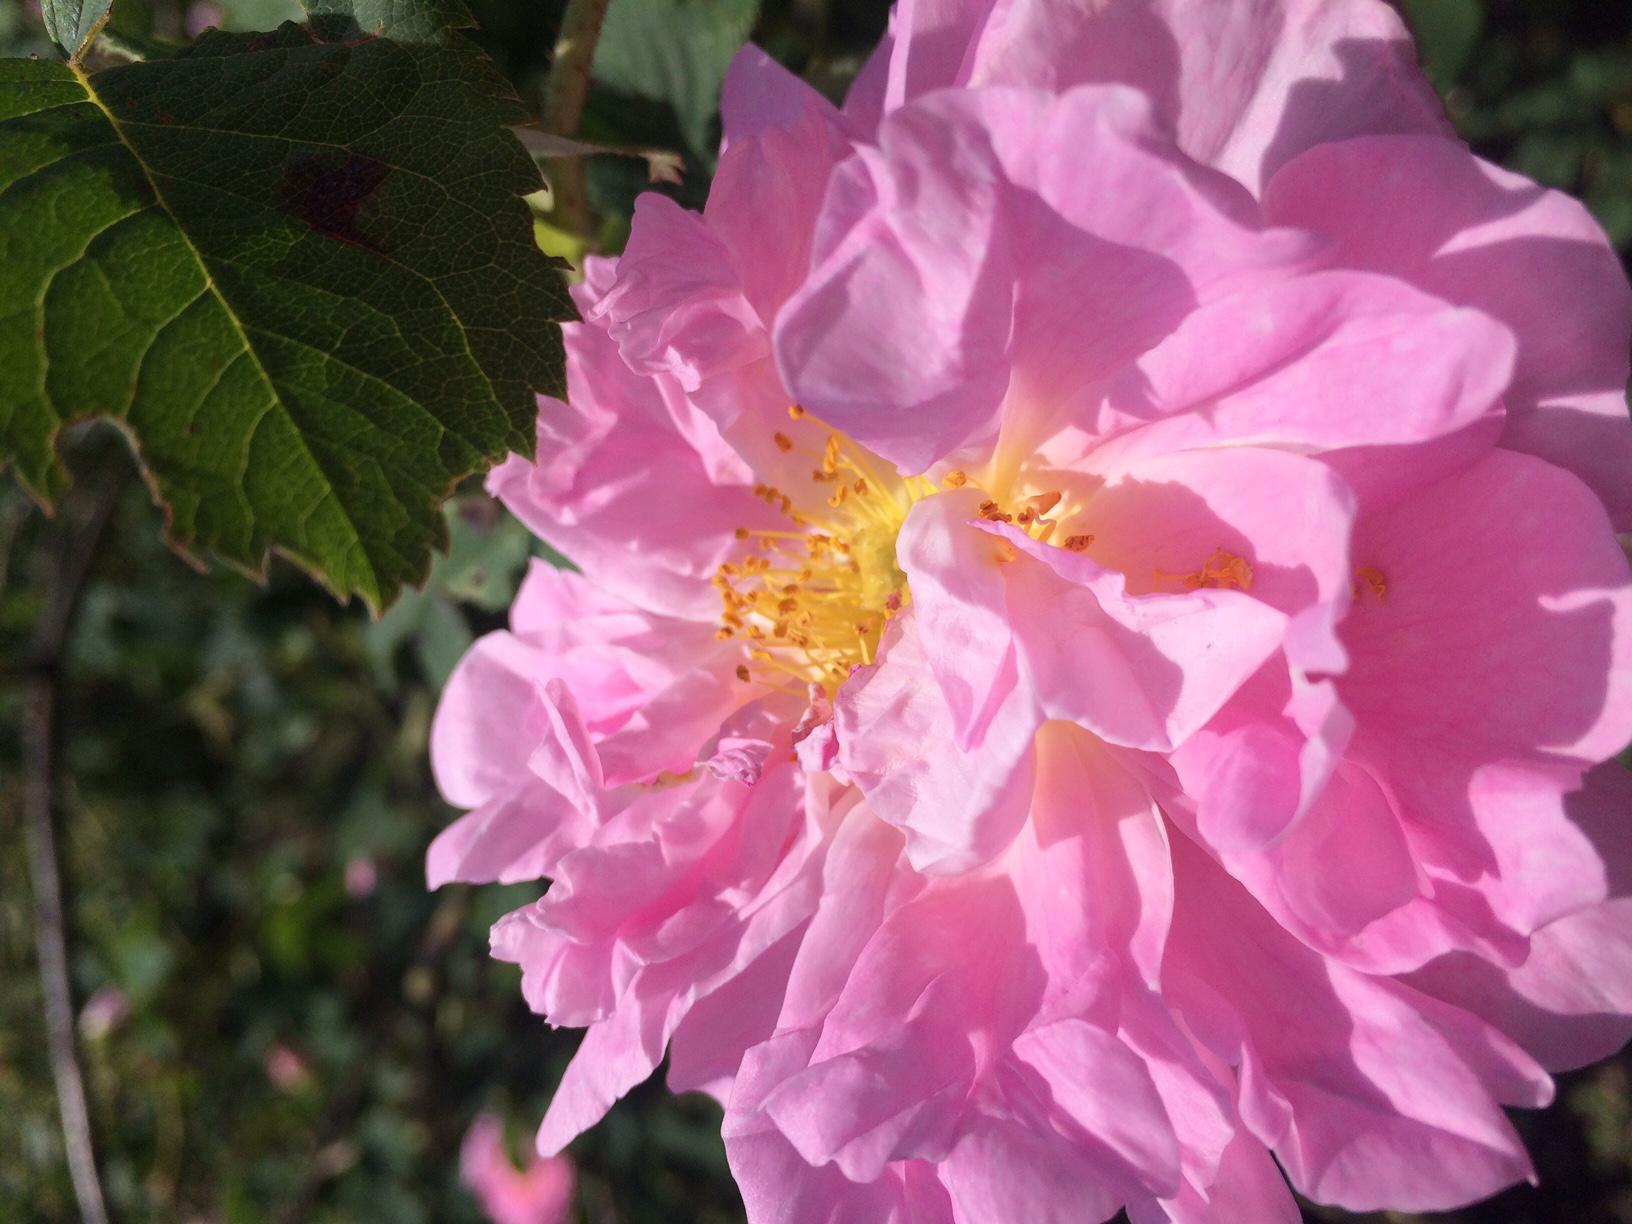 バラの花でつくるファンデーション